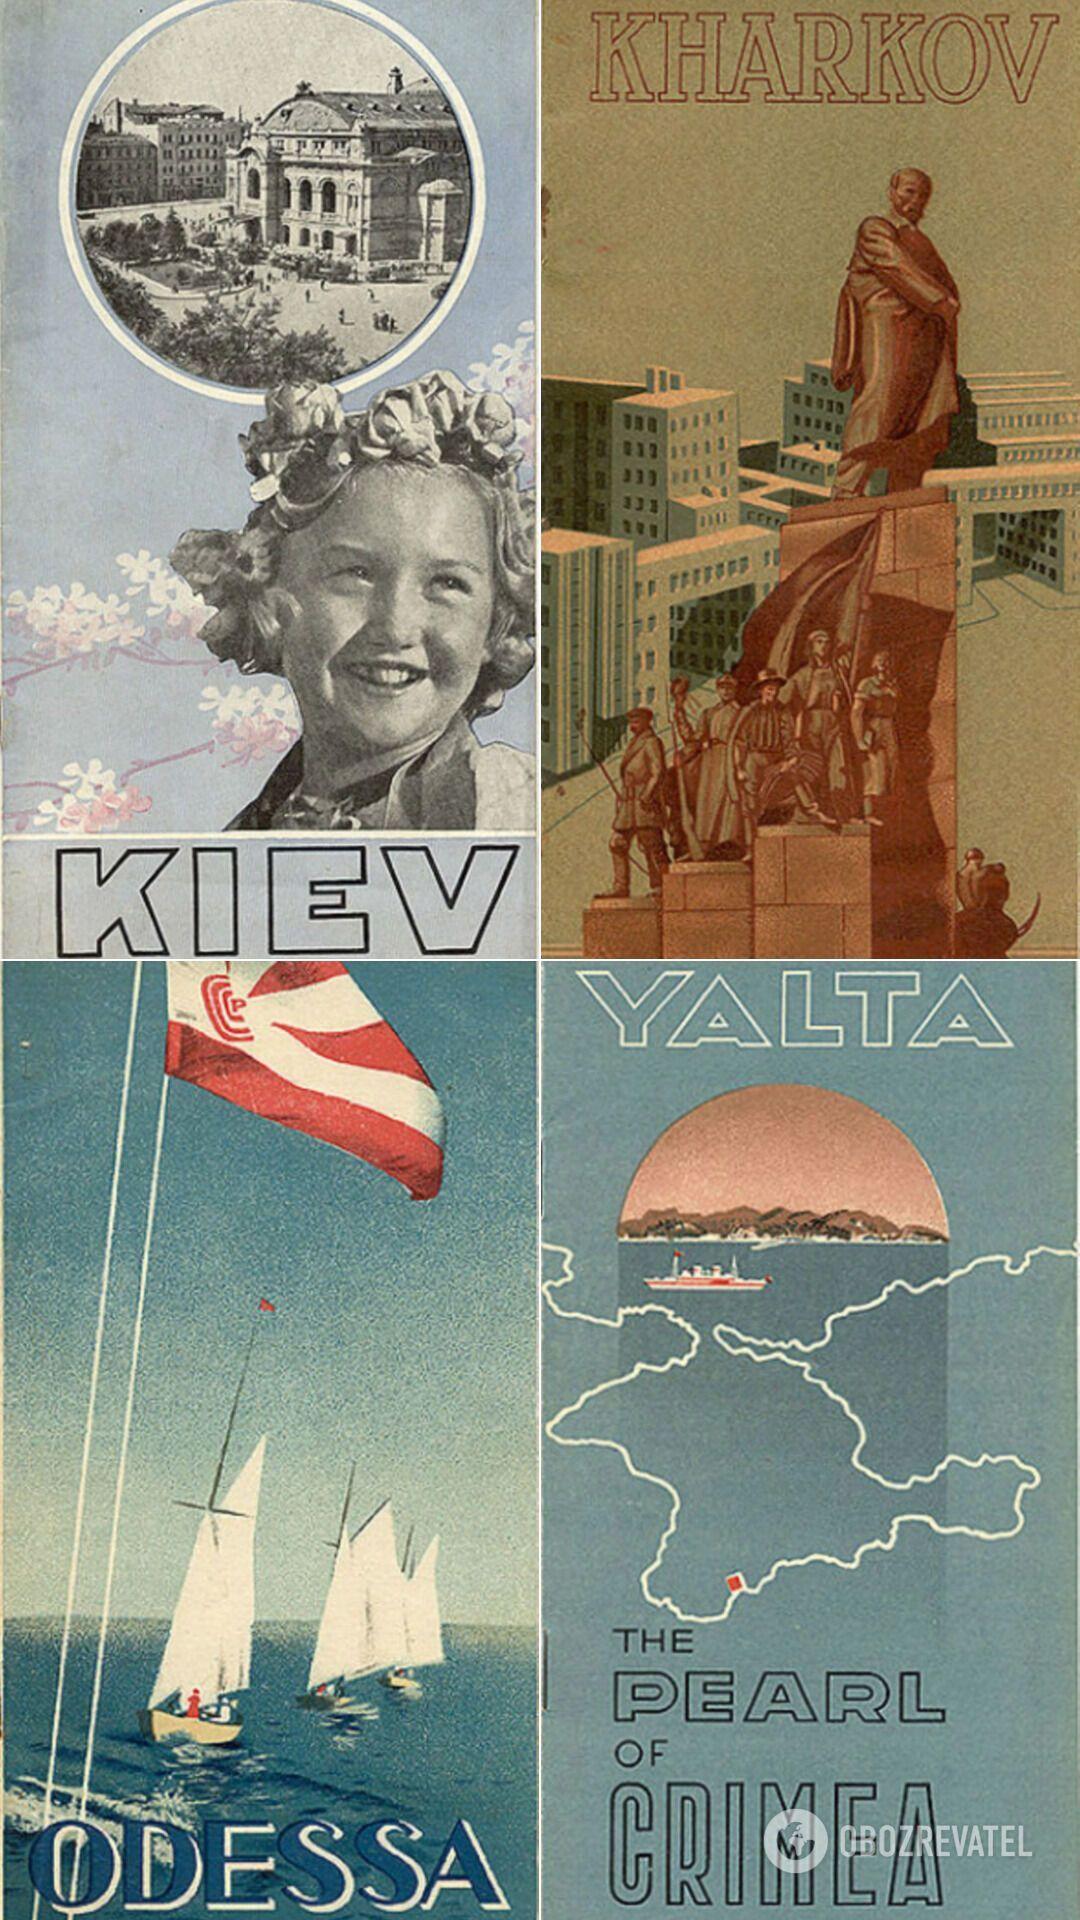 Туристические брошюры о Киеве, Харькове, Одессе и Ялте 1930-х